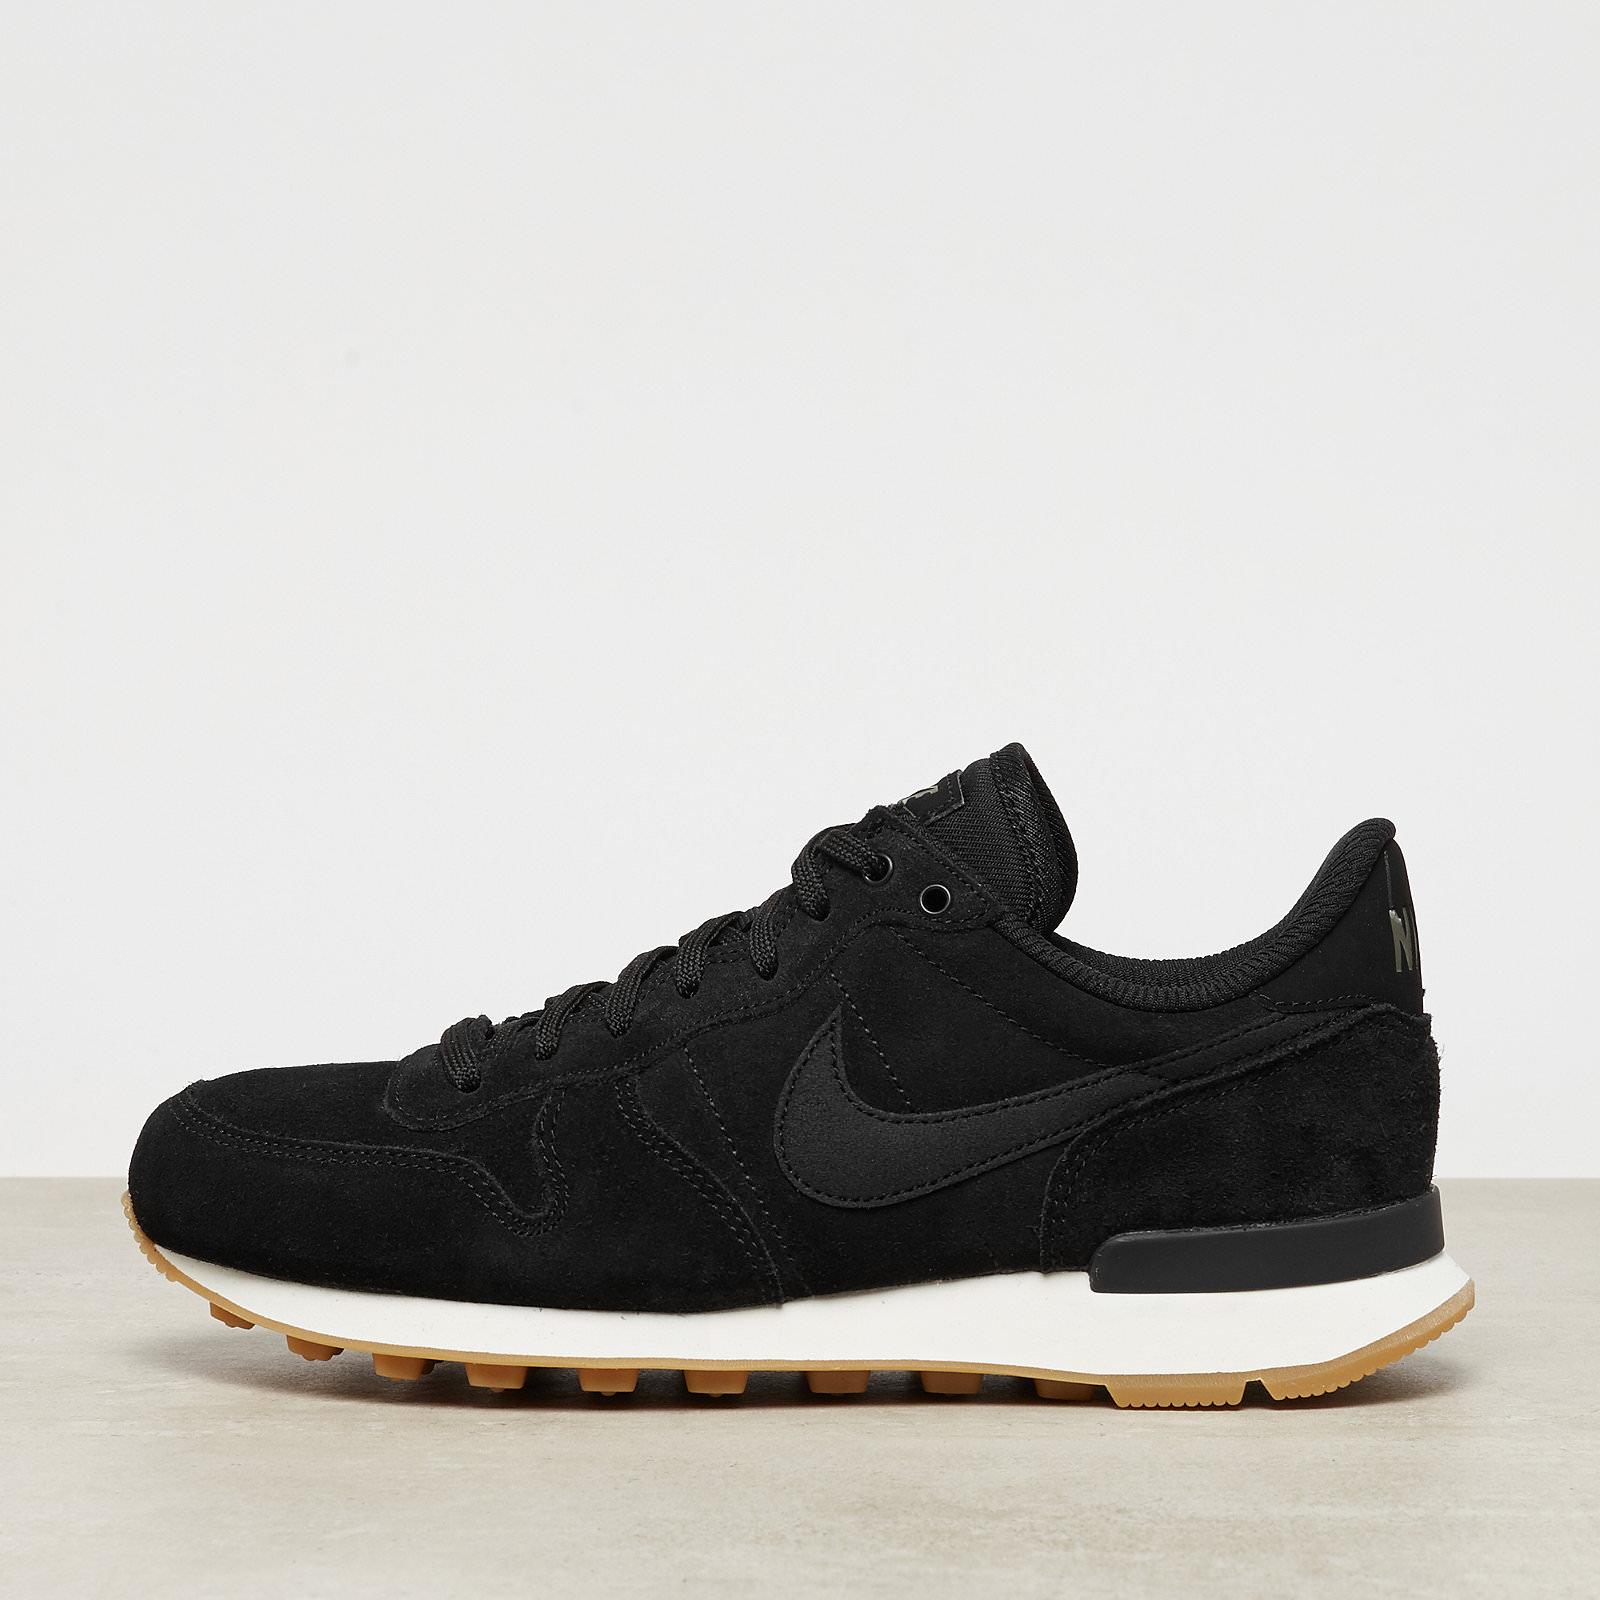 3917227317e0 Viele von Euch werden den Nike Internationalist sicherlich schon einmal  anprobiert und vielleicht sogar gekauft haben. Dabei ist dieser Schuh aber  kein ...